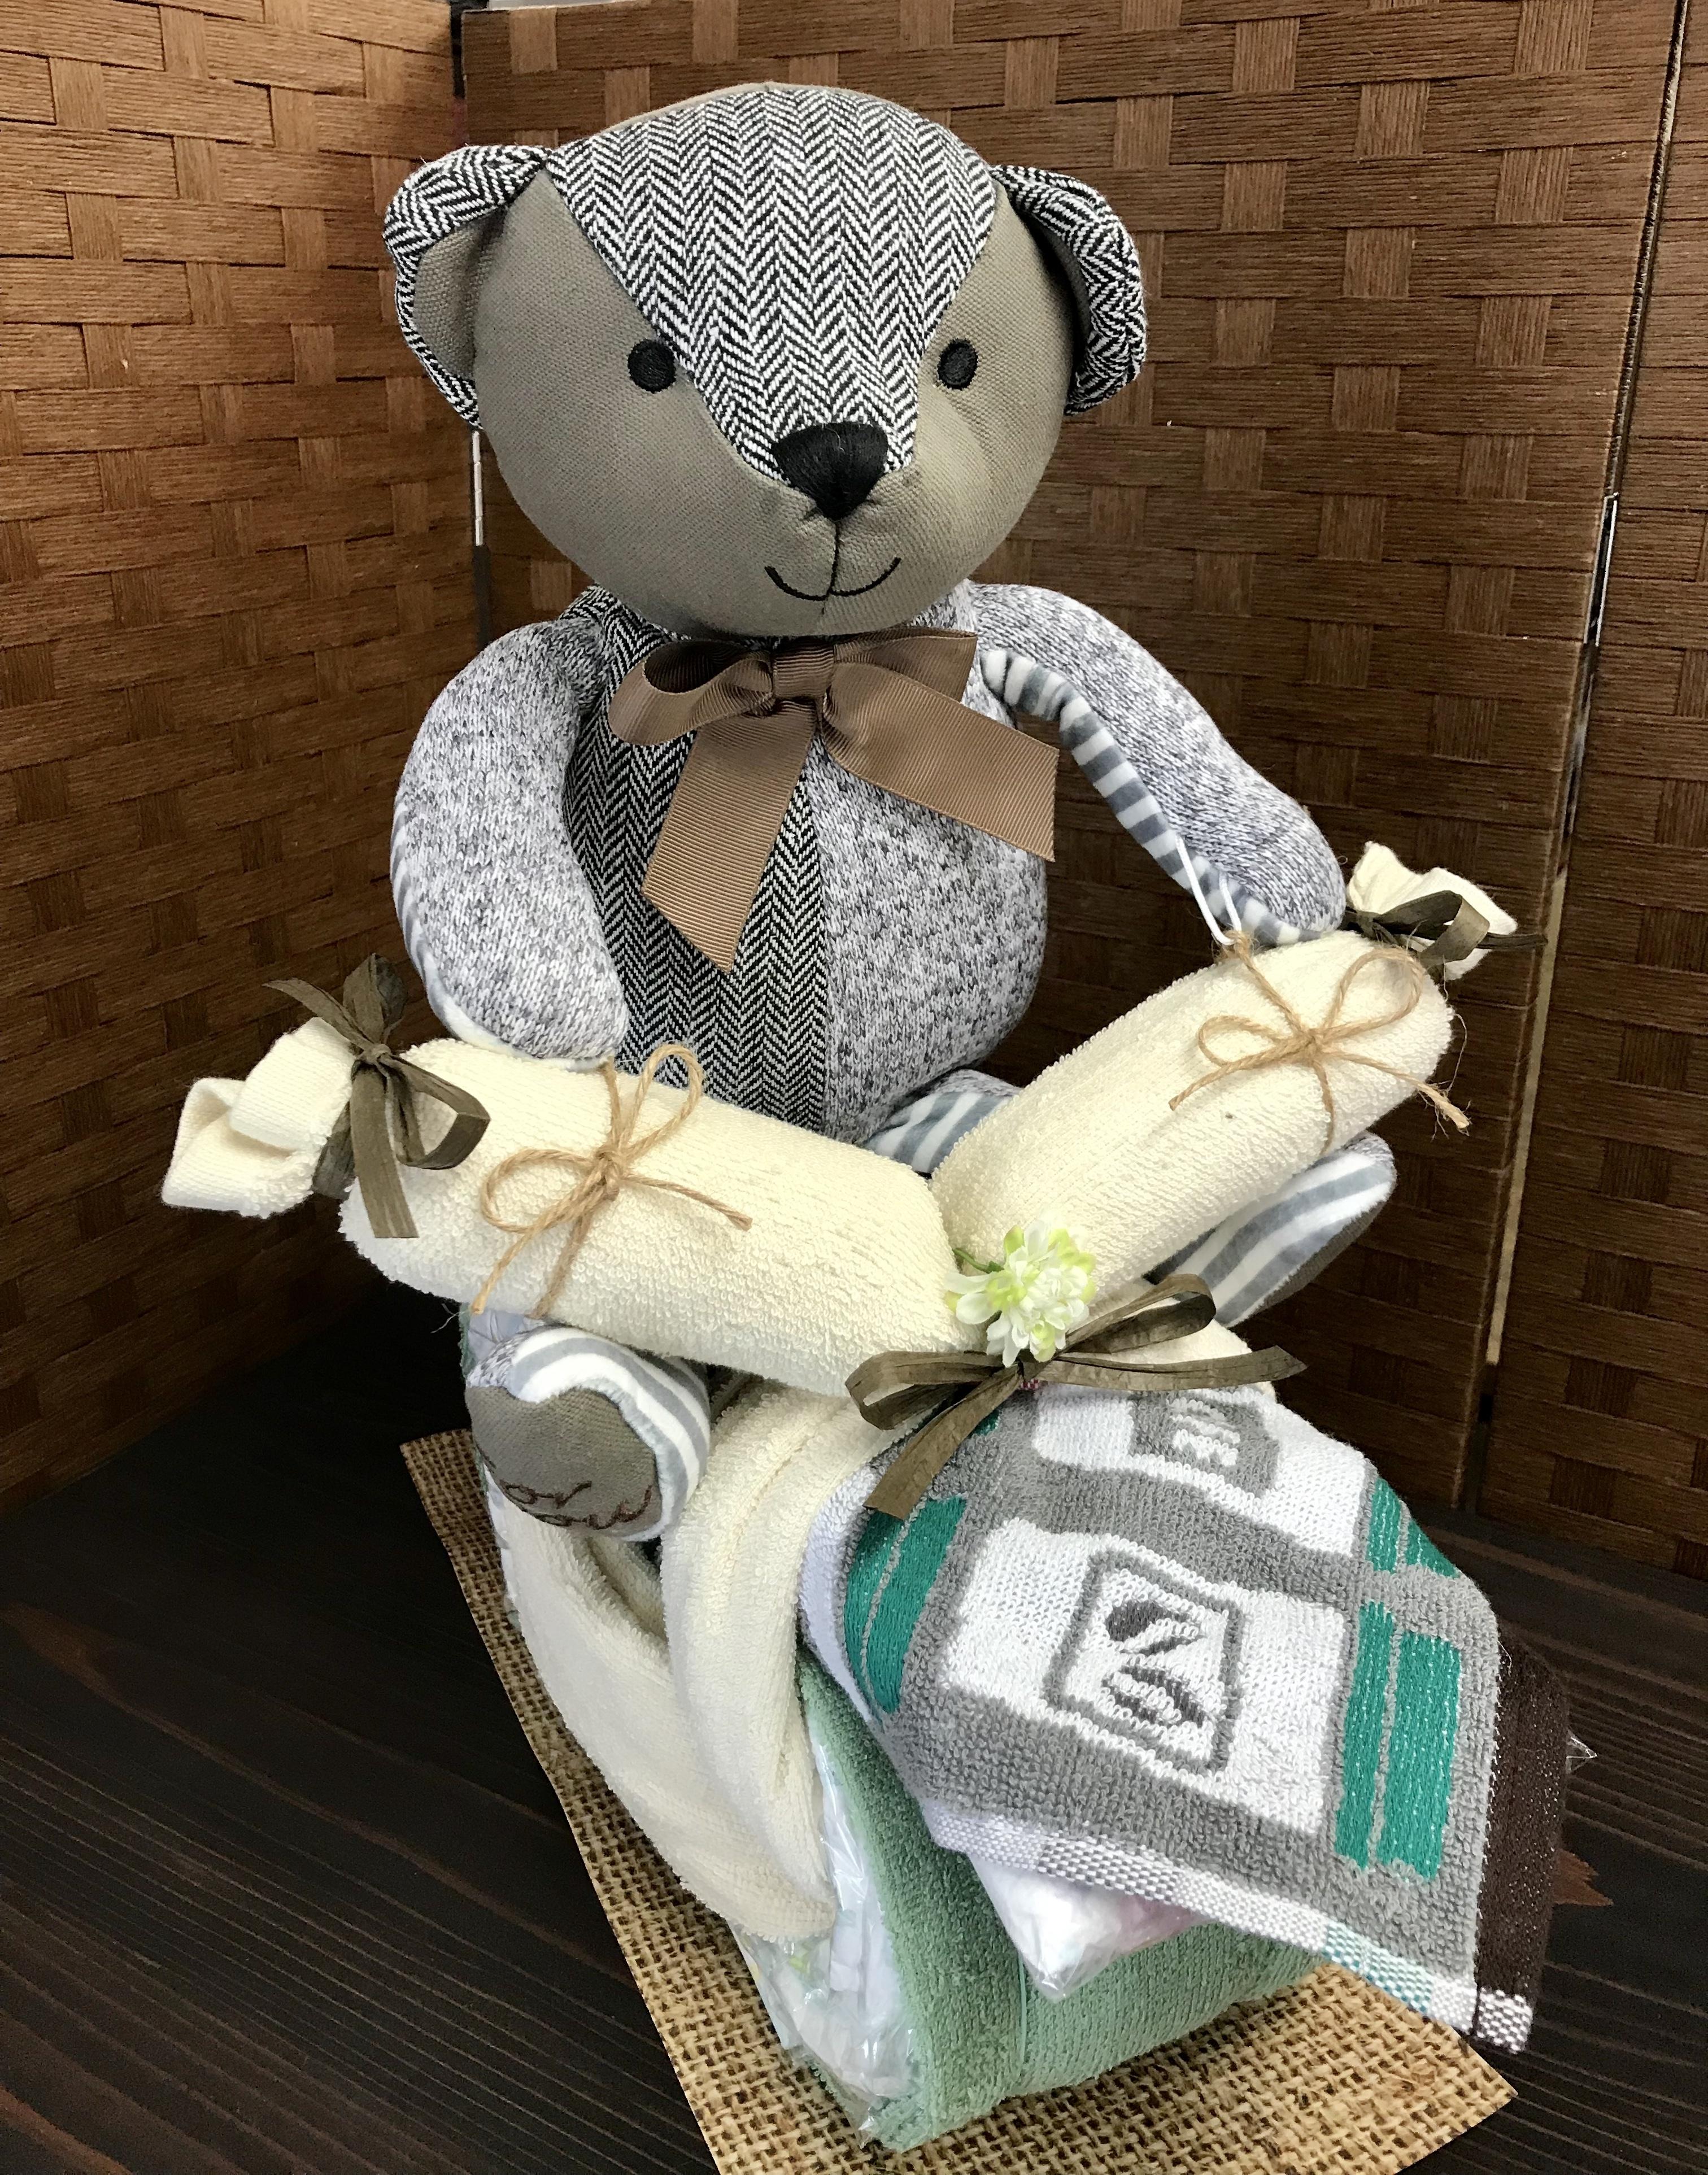 くまさん おむつバイク(マロン)  おむつケーキ  出産祝い ギフト オシャレ 個性的  かわいい  キャラクター